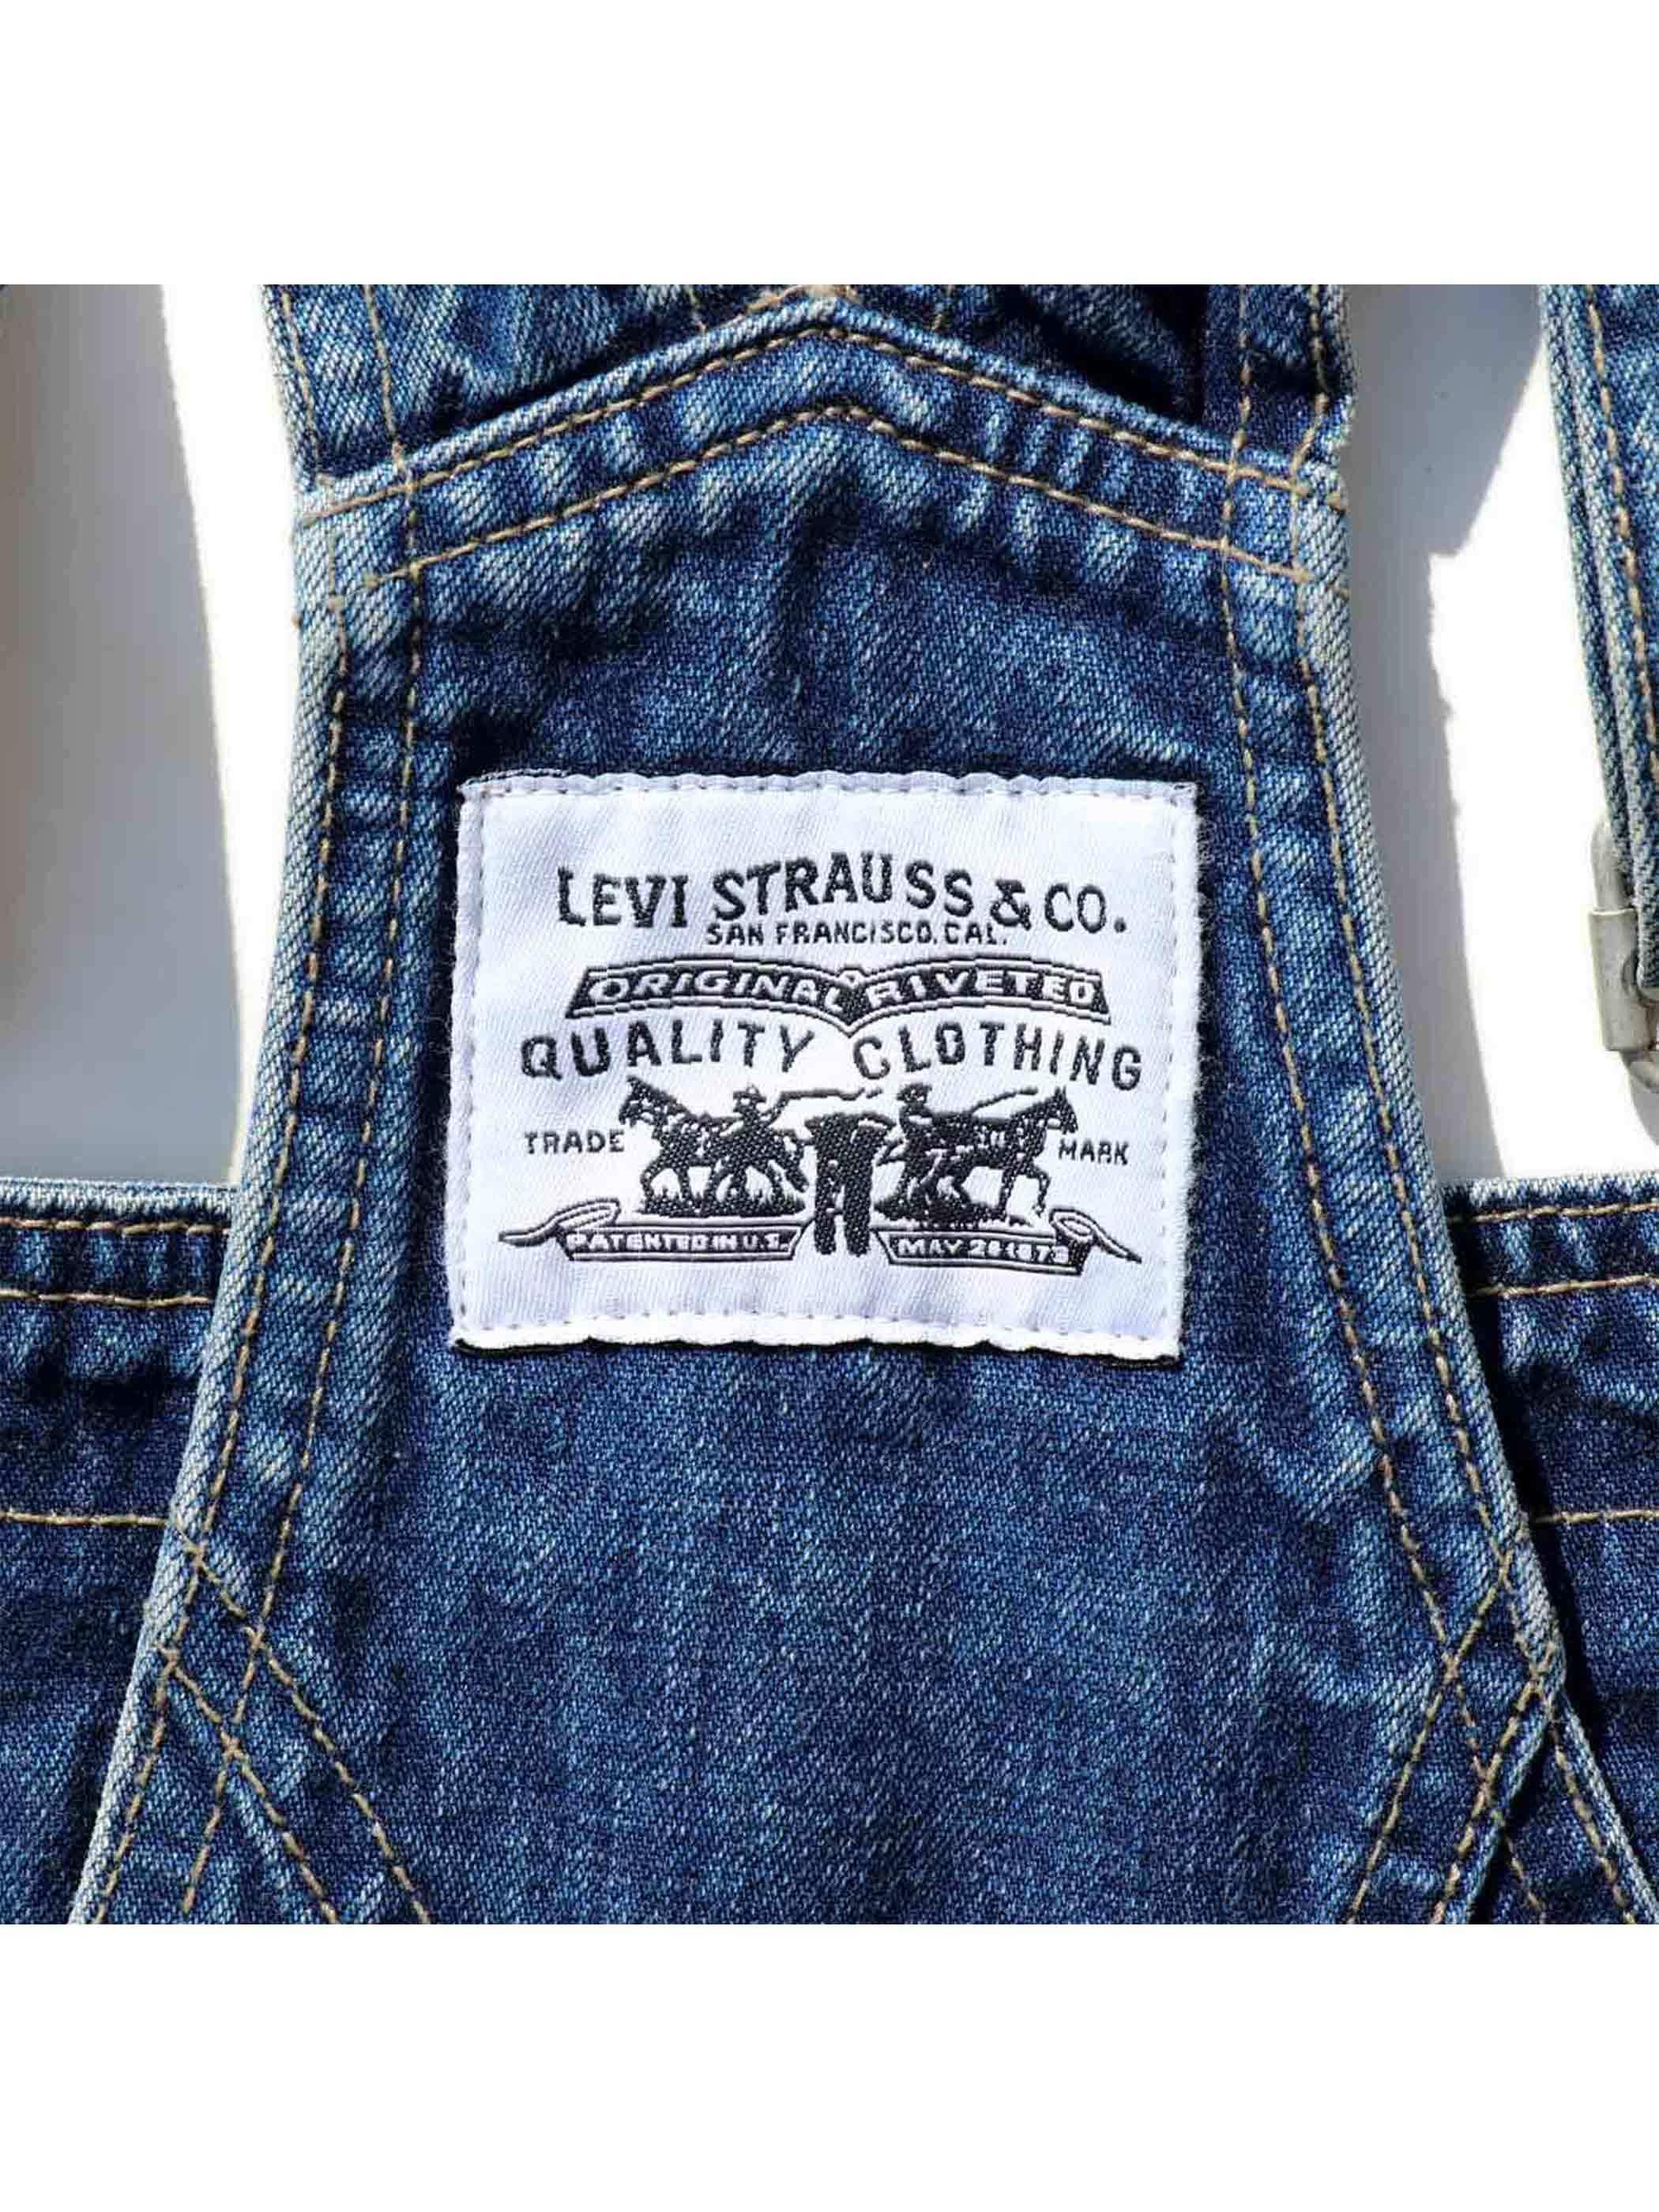 90's LEVI'S デニム オーバーオール [S]